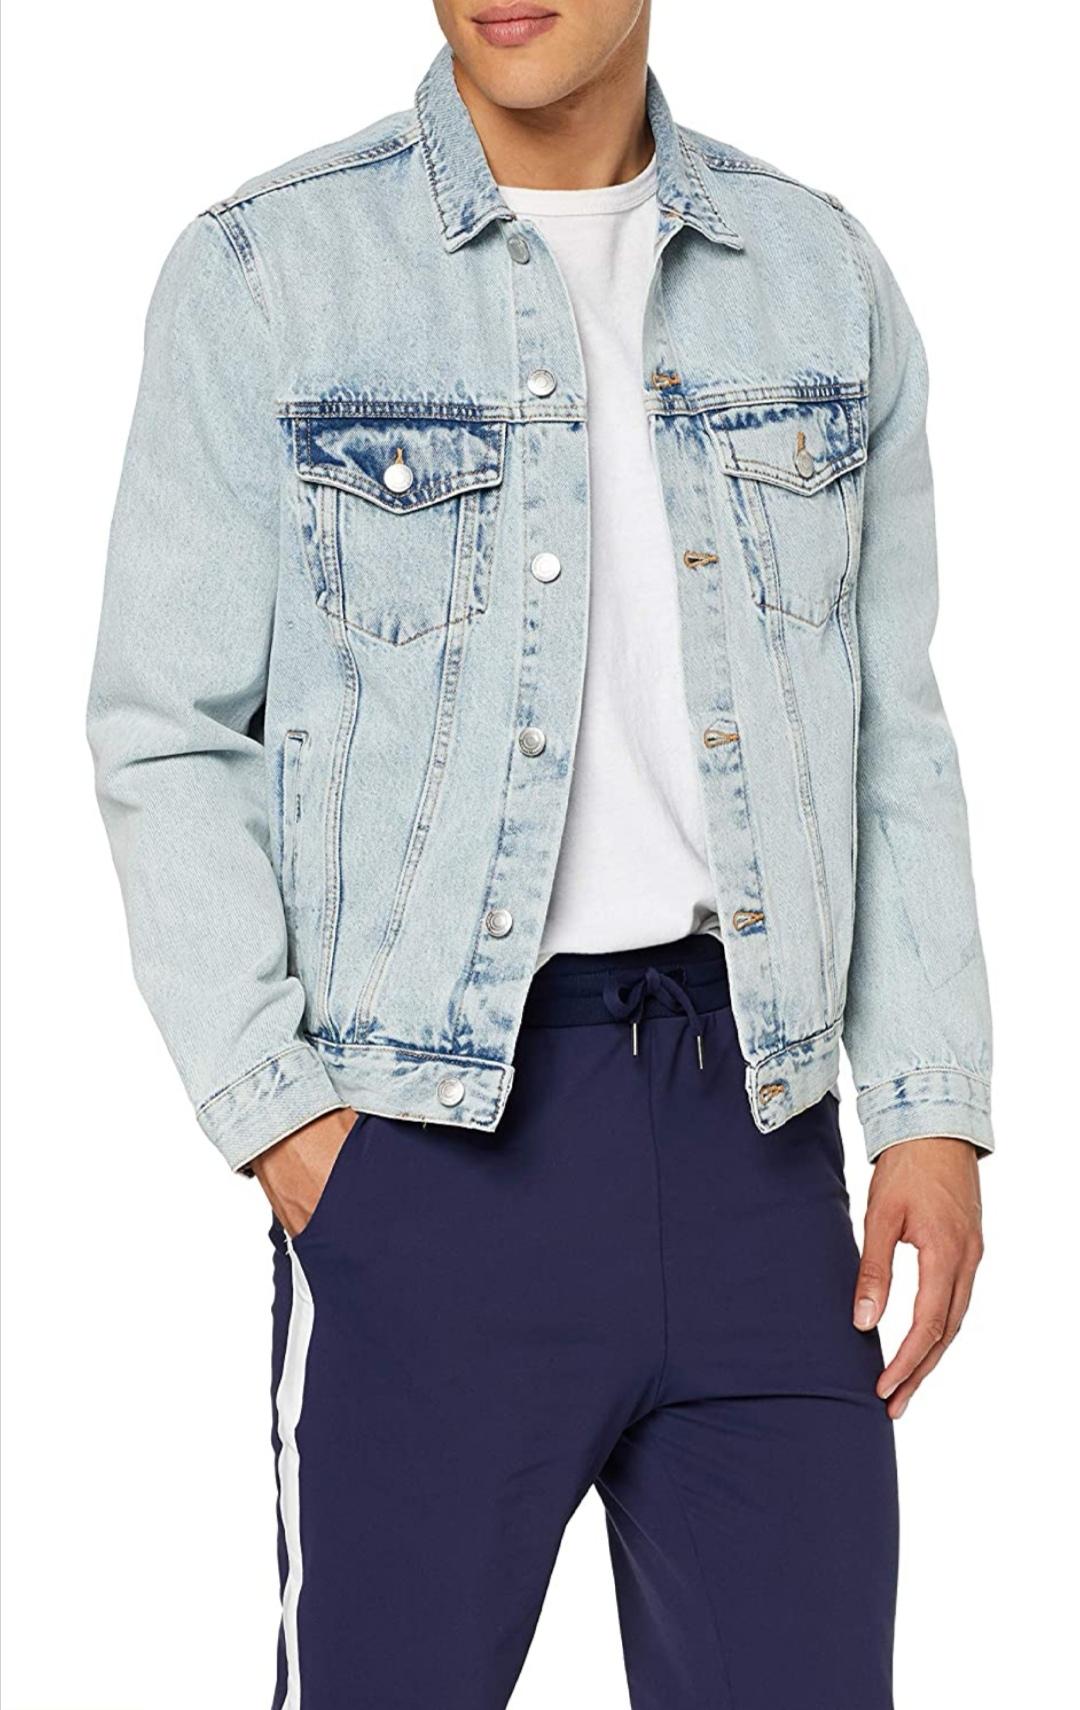 New look chaqueta denim para hombre talla S.51